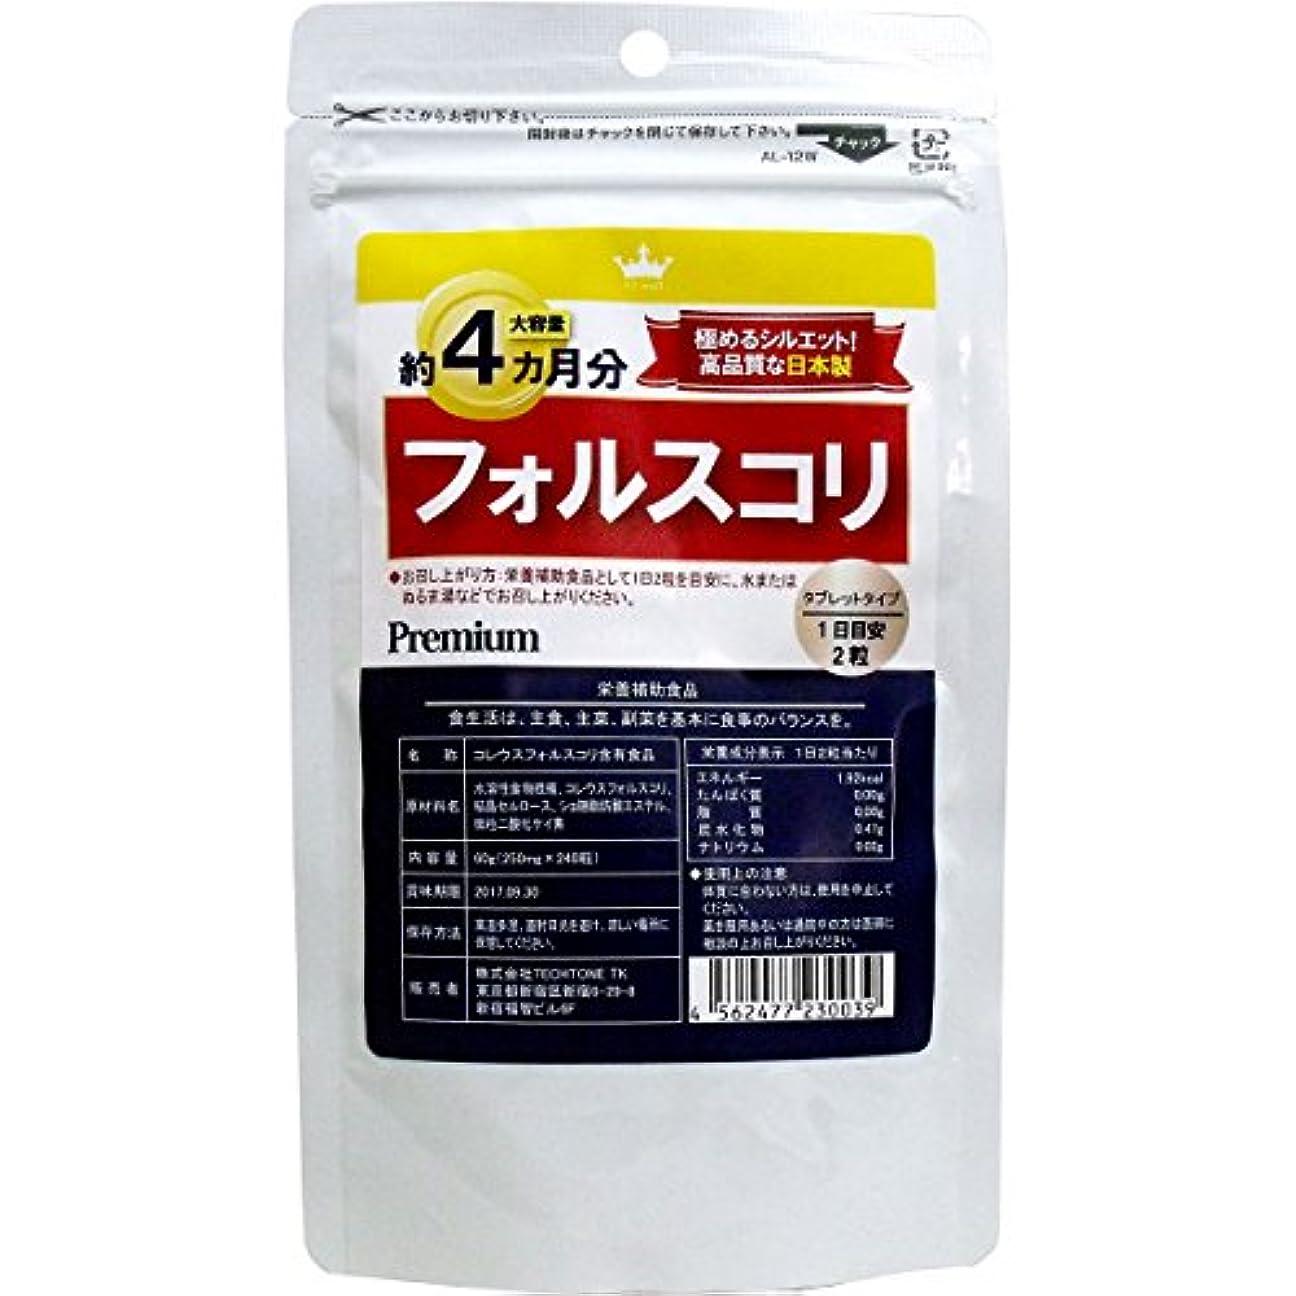 変化するやる冷淡なダイエット 高品質な日本製 人気 フォルスコリ 約4カ月分 240粒入【3個セット】